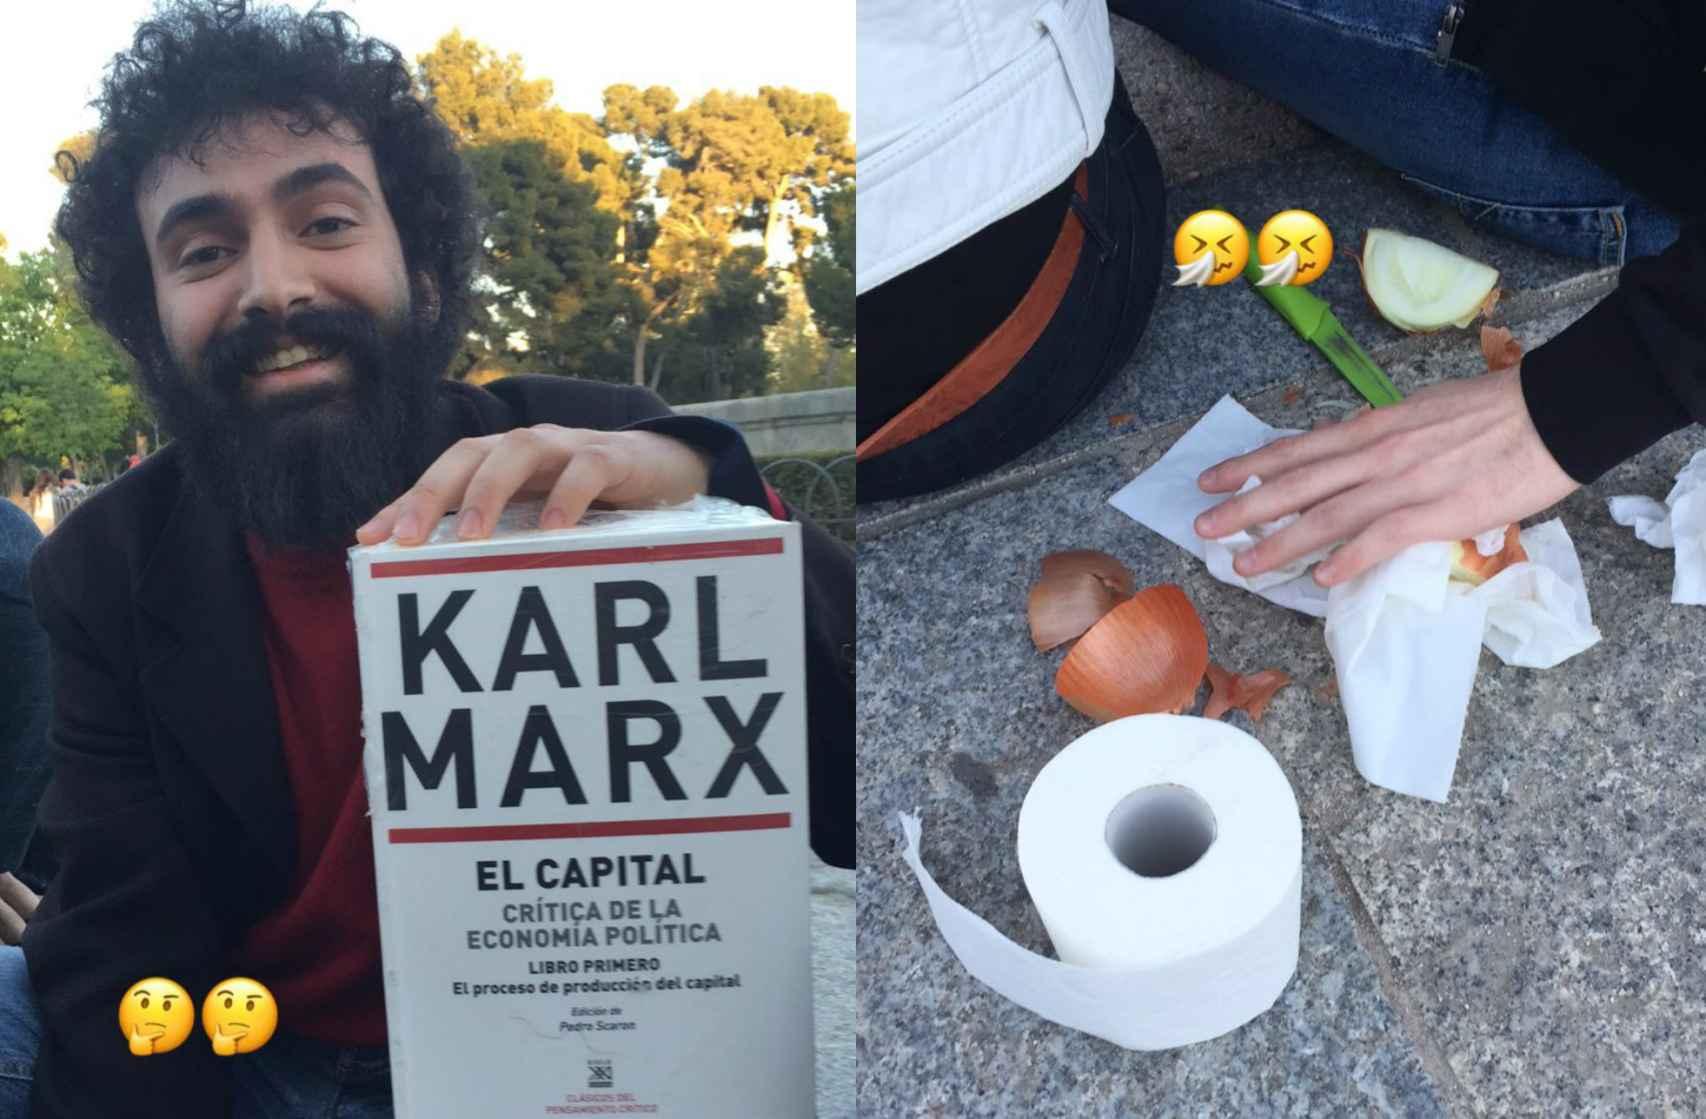 Karl Marx, las cebollas y el papel higiénico también estuvieron presentes